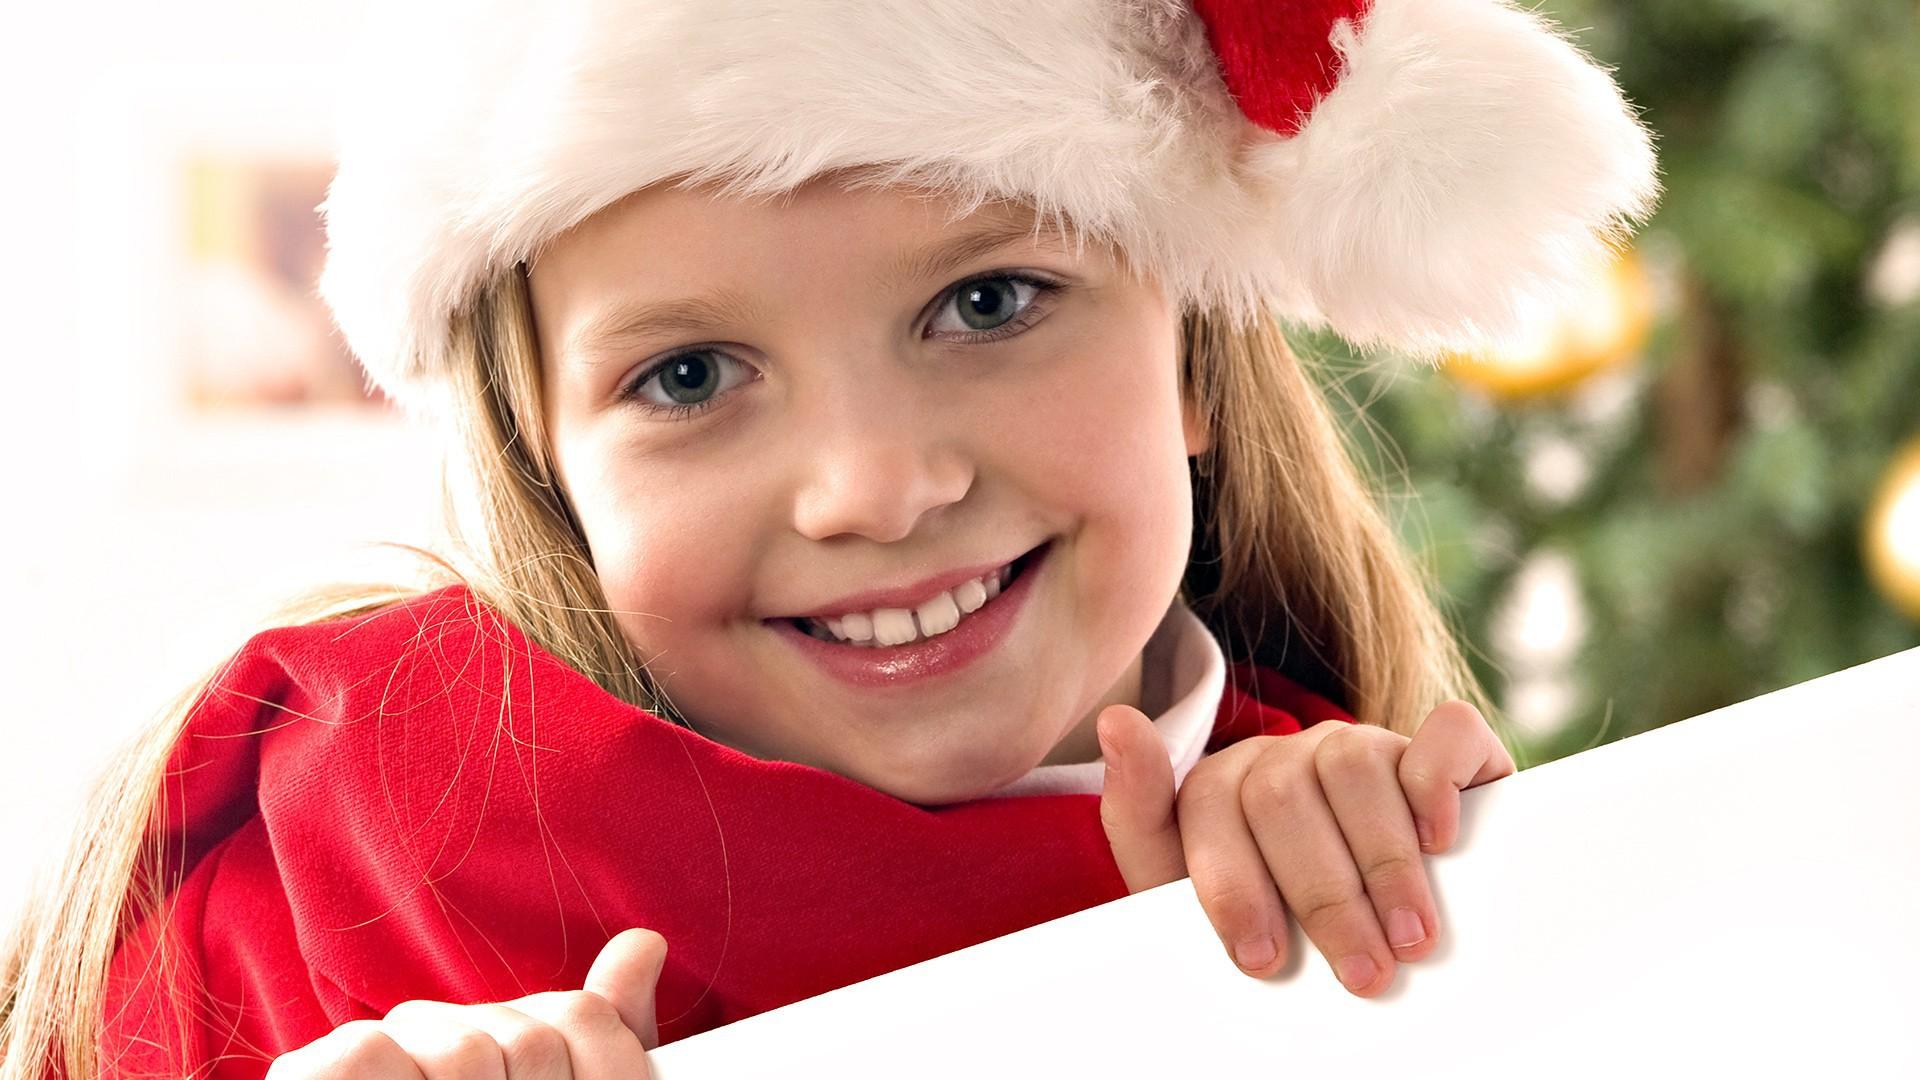 Новый год картинка девочка